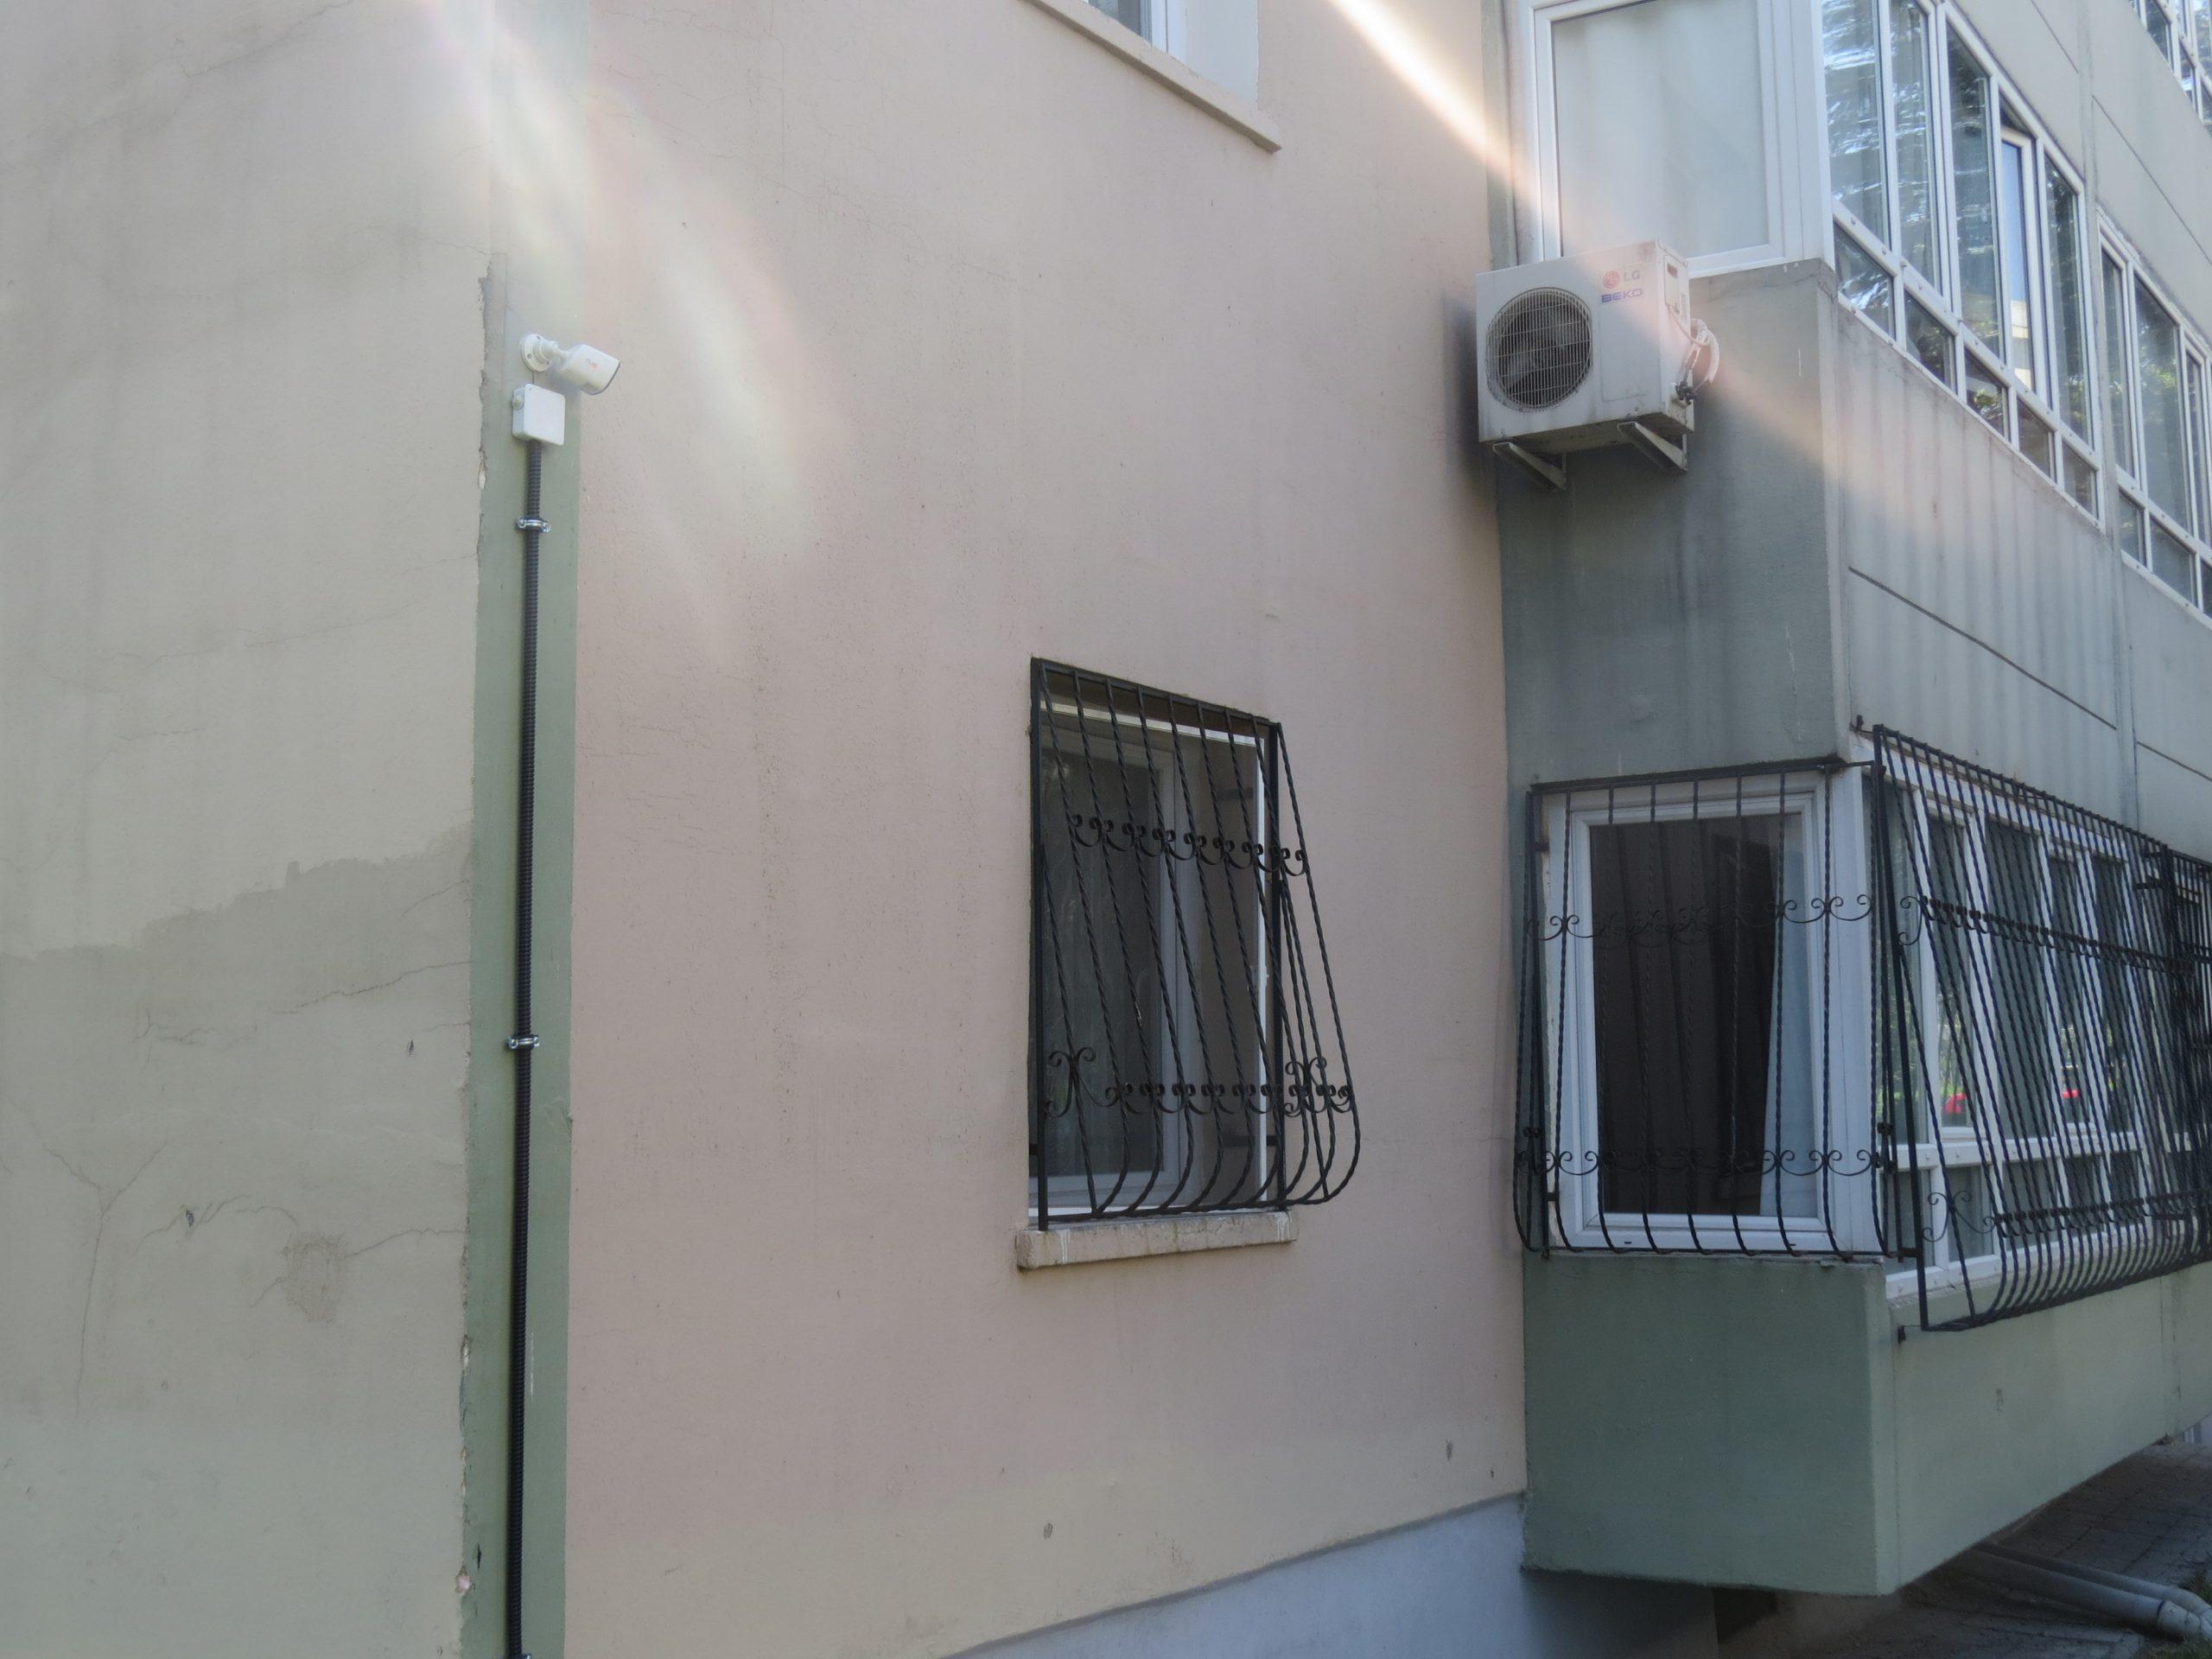 Bina Çevresi Güvenlik Kamerası IMG 5096 scaled